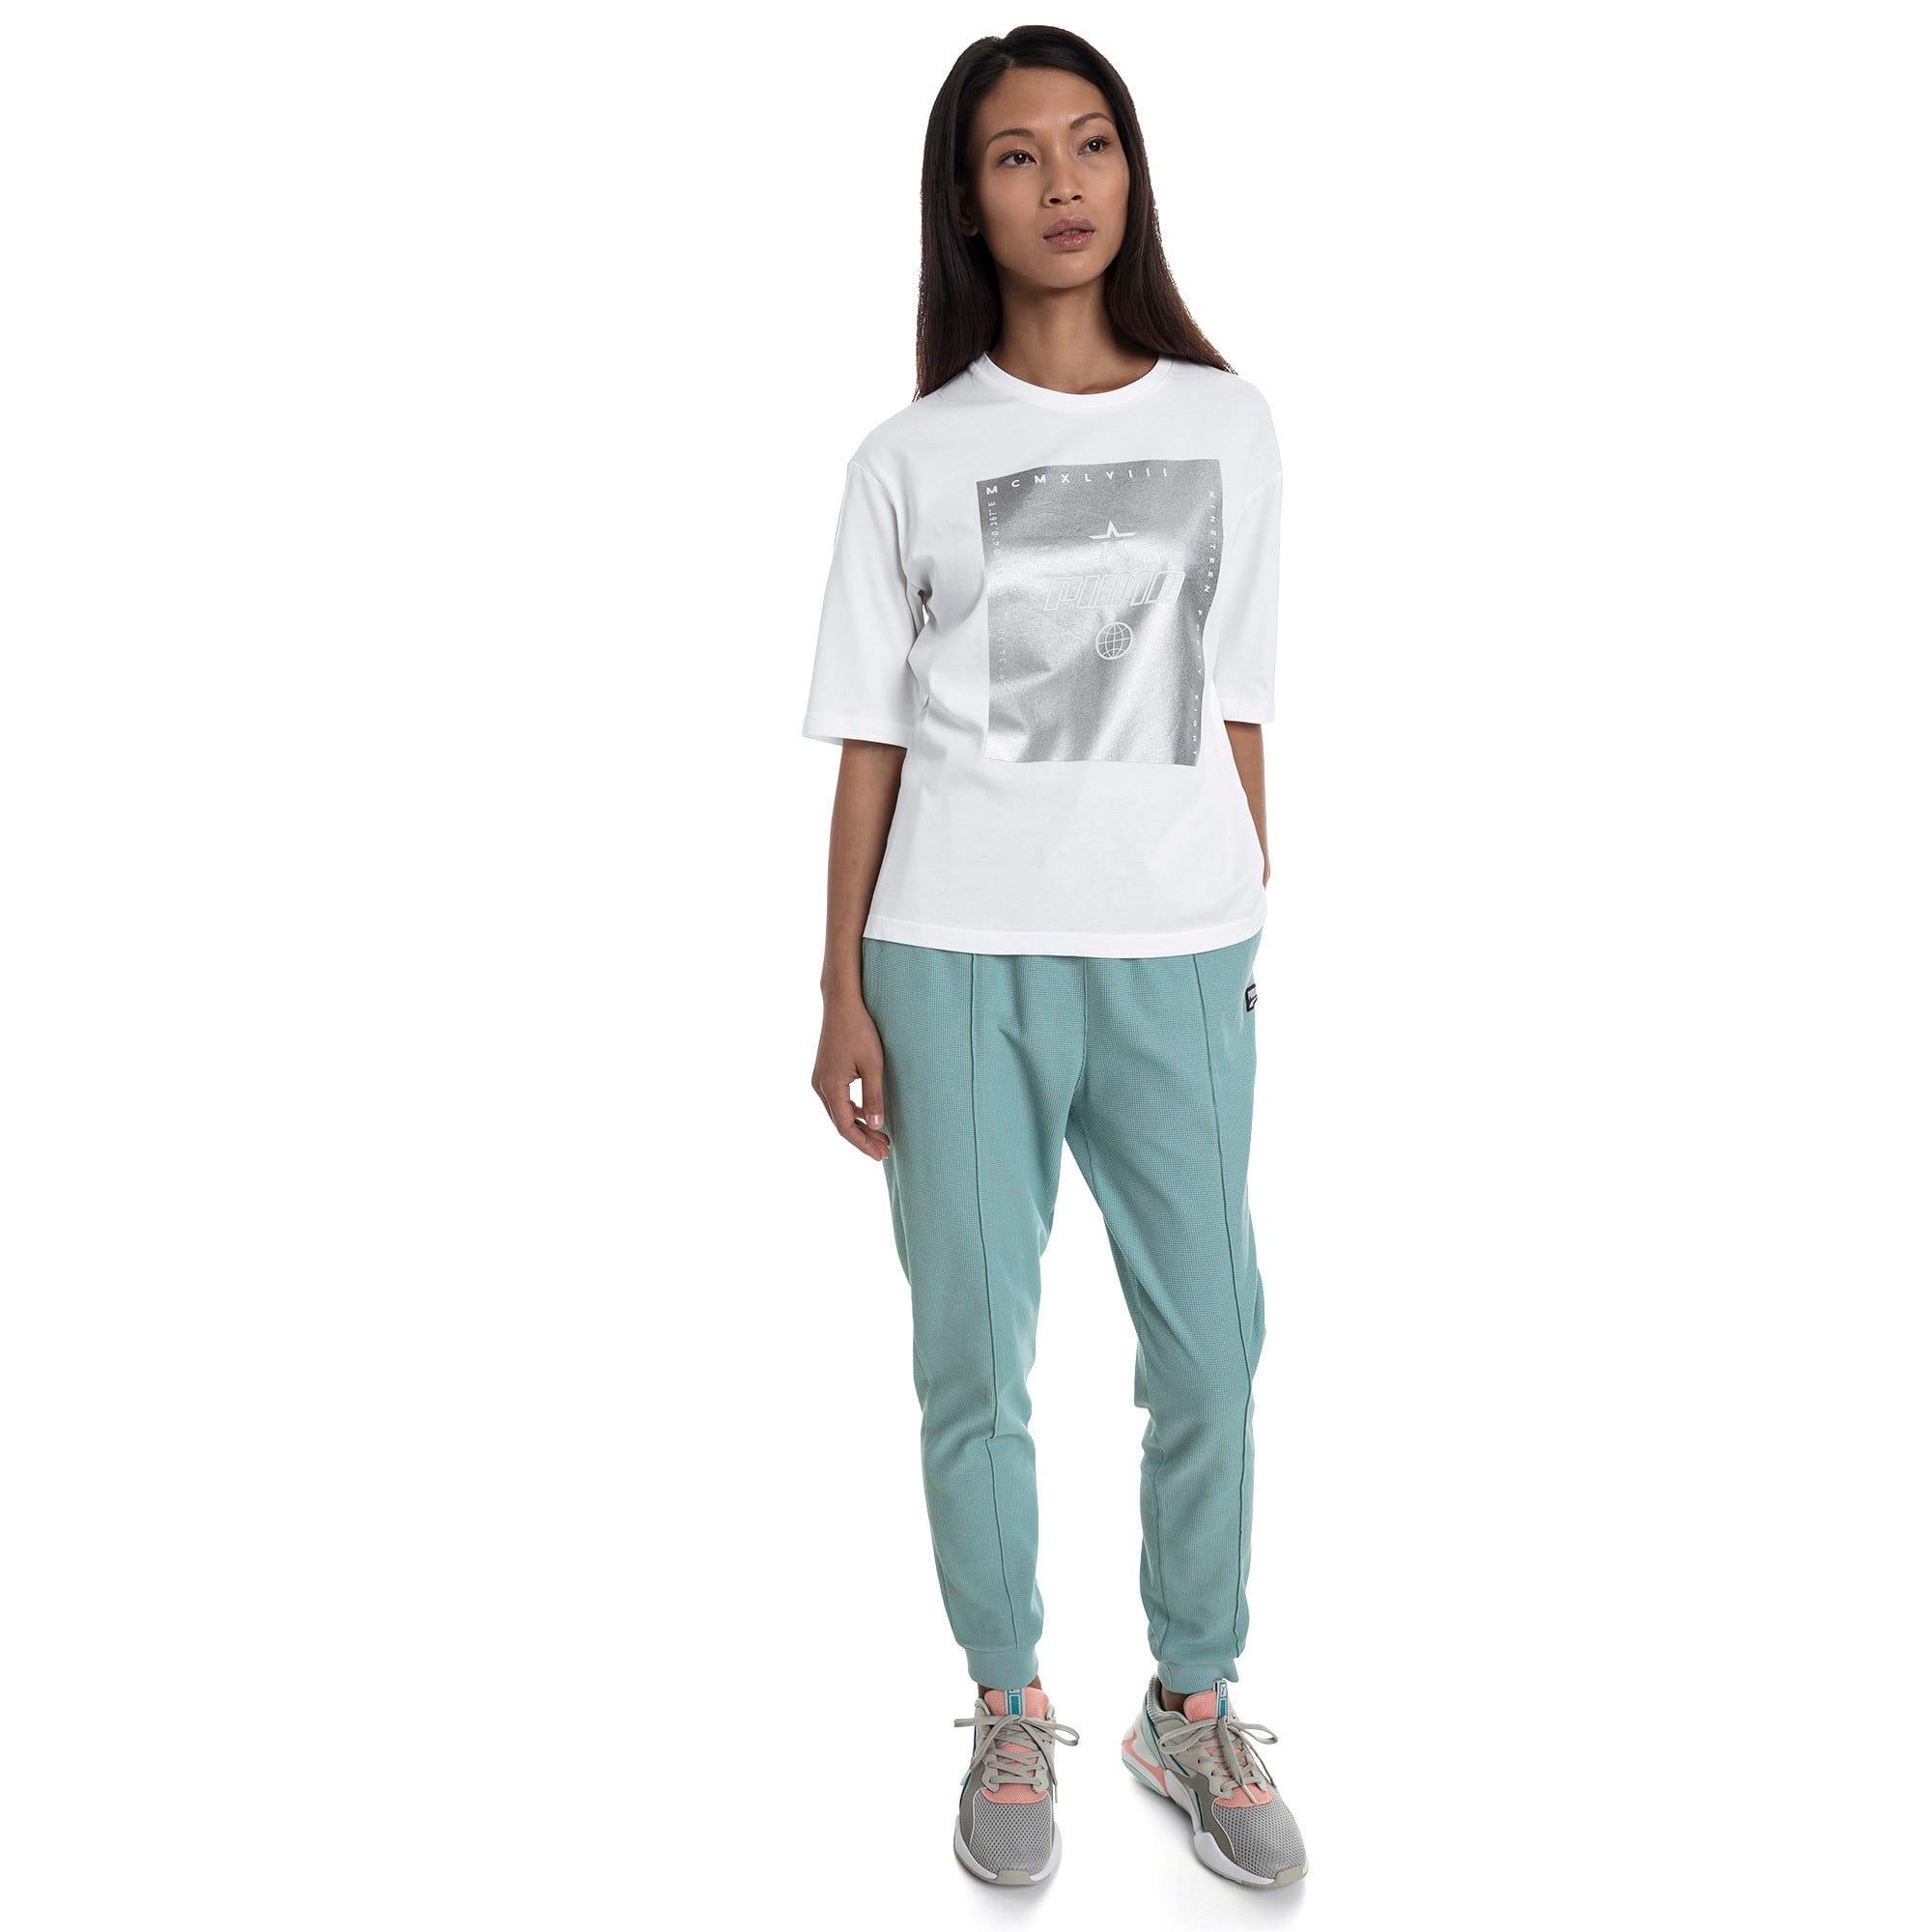 Miniatura 5 de Camiseta Trailblazer para mujer, Puma White, mediano